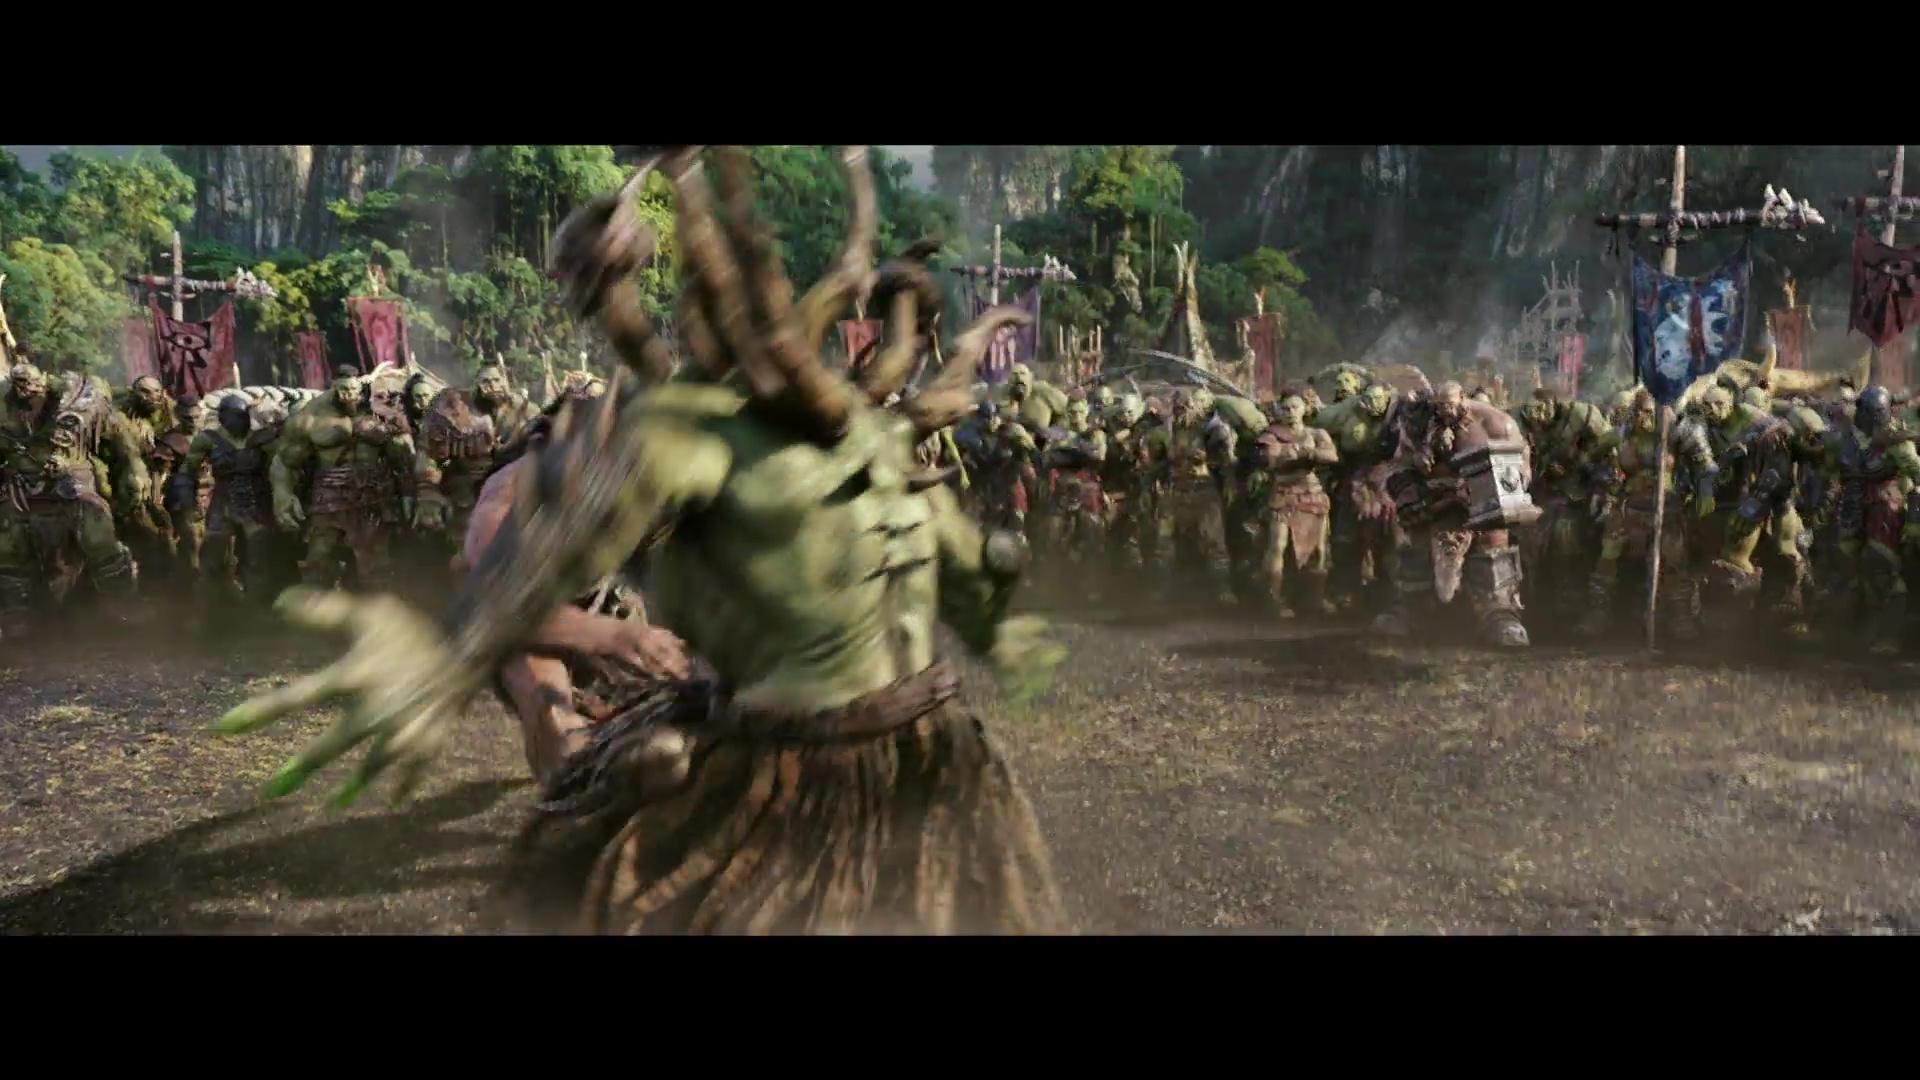 Warcraft 1080p Lat-Cast-Ing 5.1 (2016)